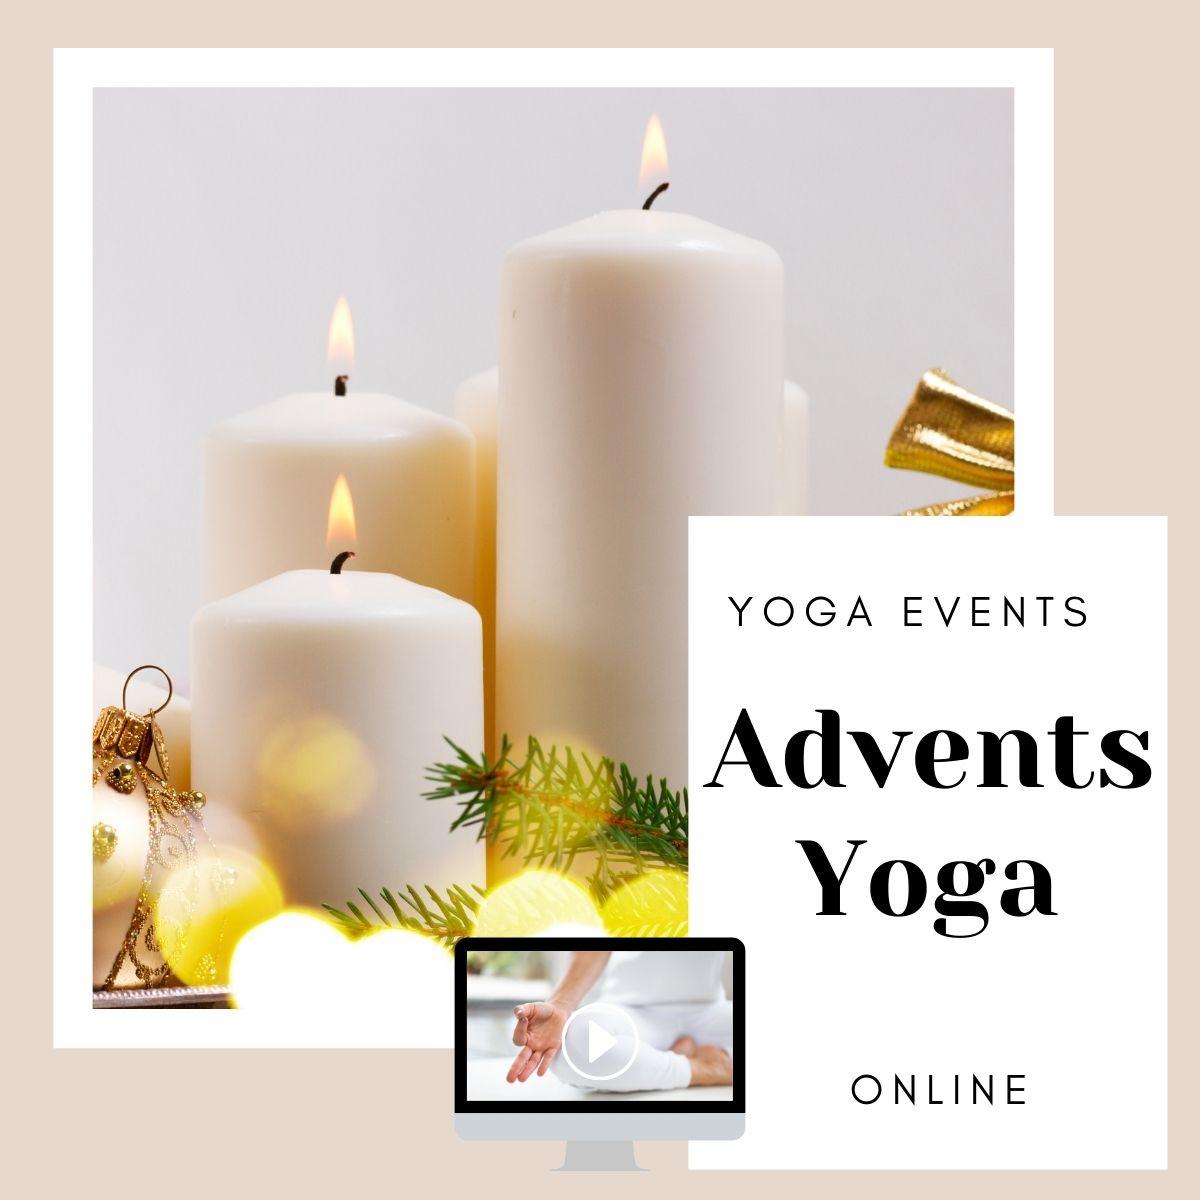 advent-yoga-online